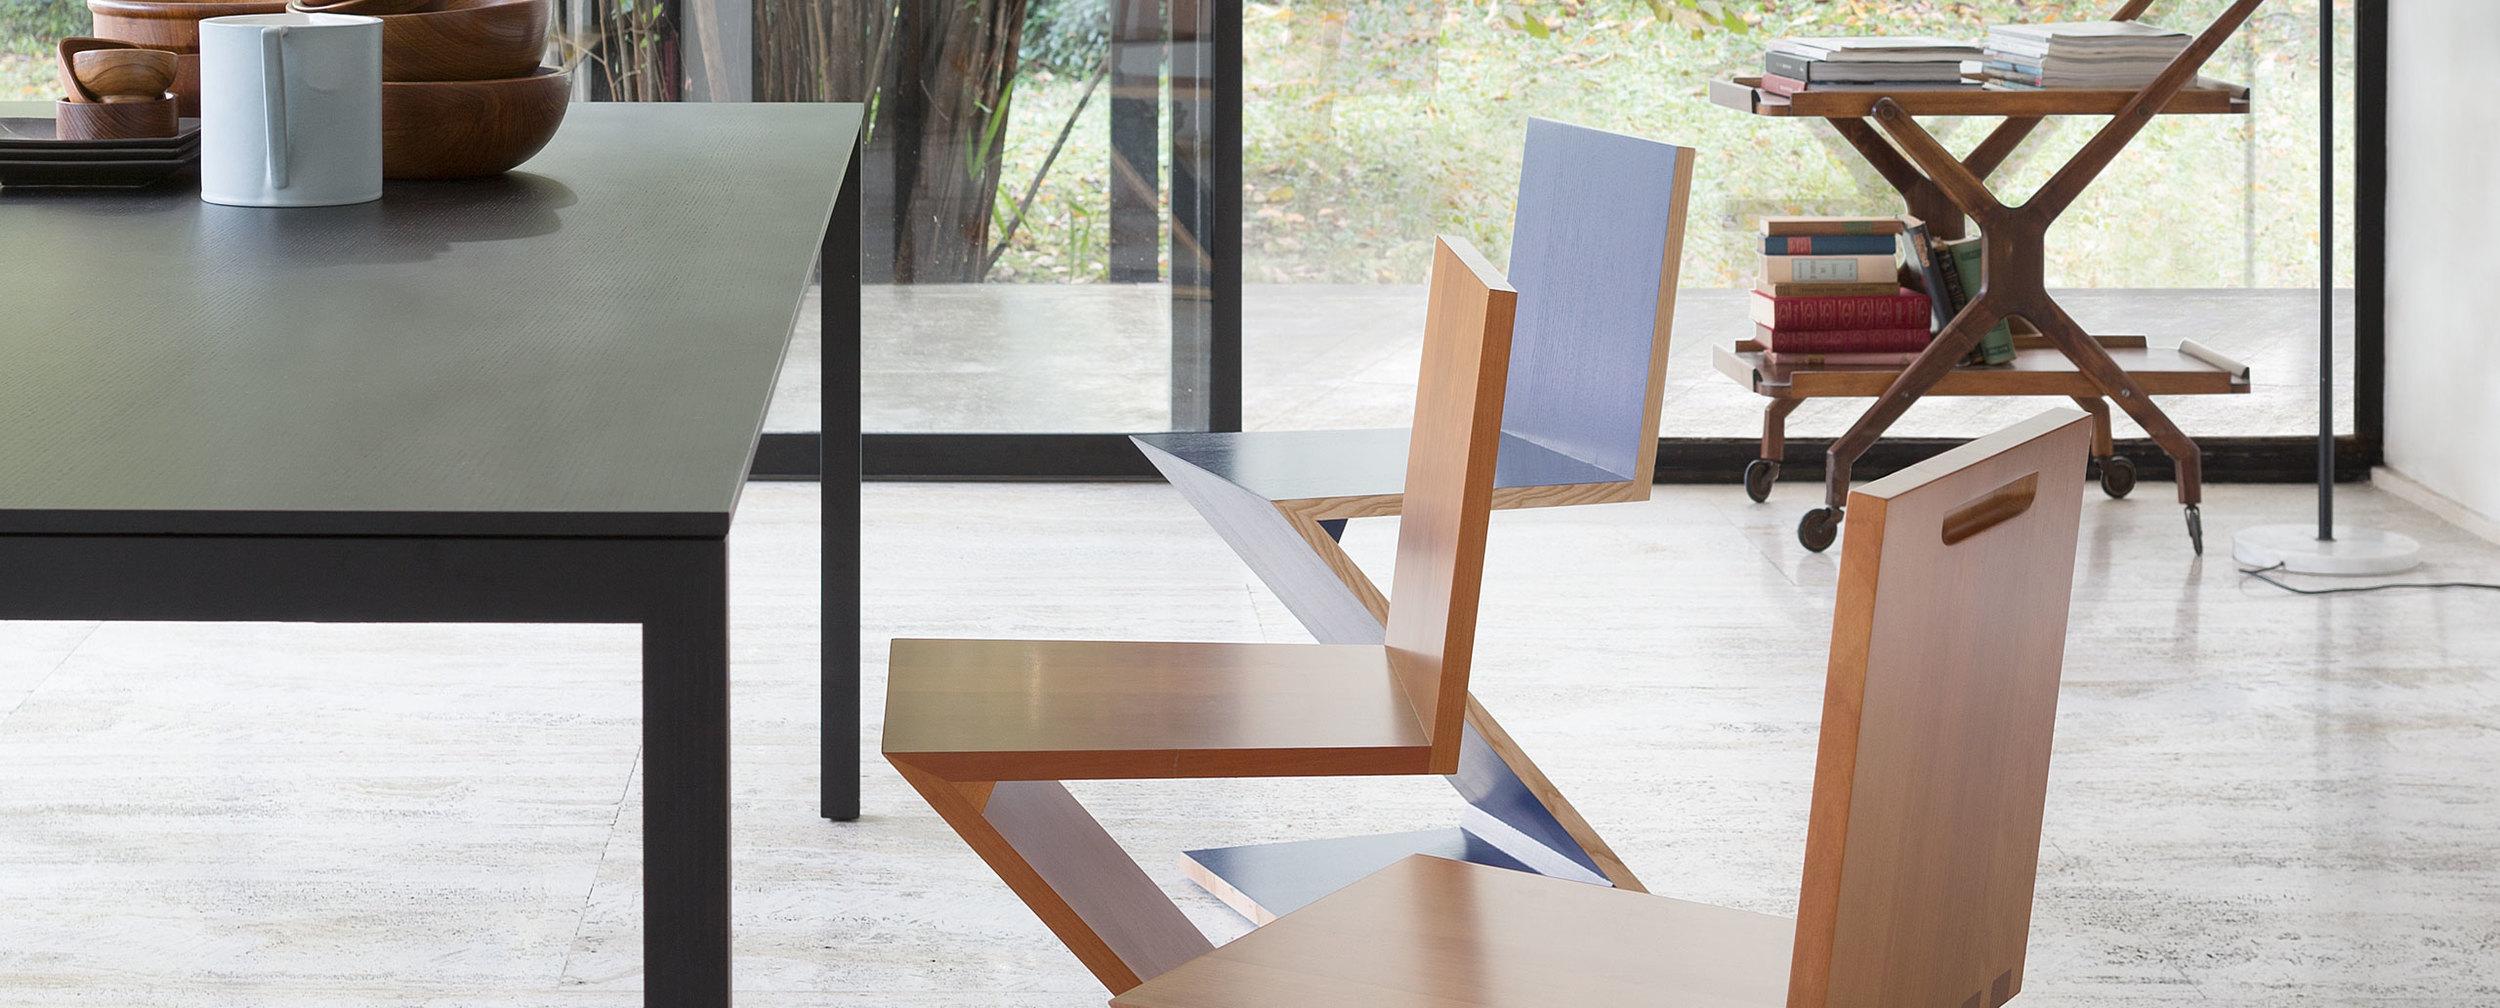 195_naan_2 Cassina Loncin design verlengbare tafel meubel zetel Leuven Brussels mechelen antwerpen vlaams-branbant Limburg Hasselt Tongeren Genk Sint-Truiden Zoutleeuw.jpg